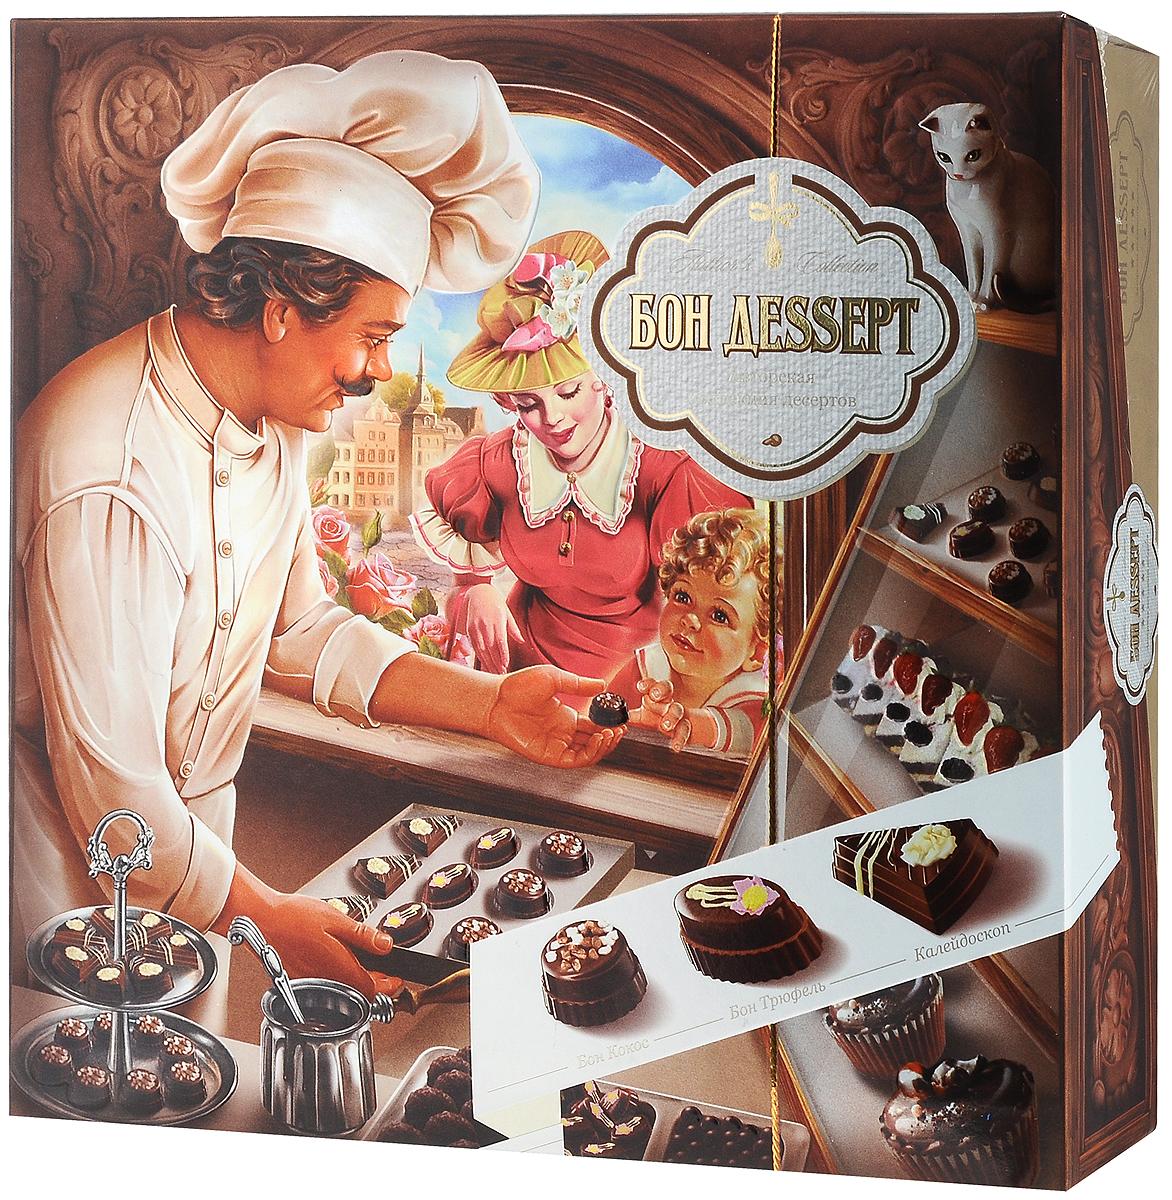 Бон Деssерт ассорти шоколадных конфет-десертов ручной работы Шоколадный бутик, 230 г baron ecuador конфеты из темного шоколада с кофейной начинкой 100 г